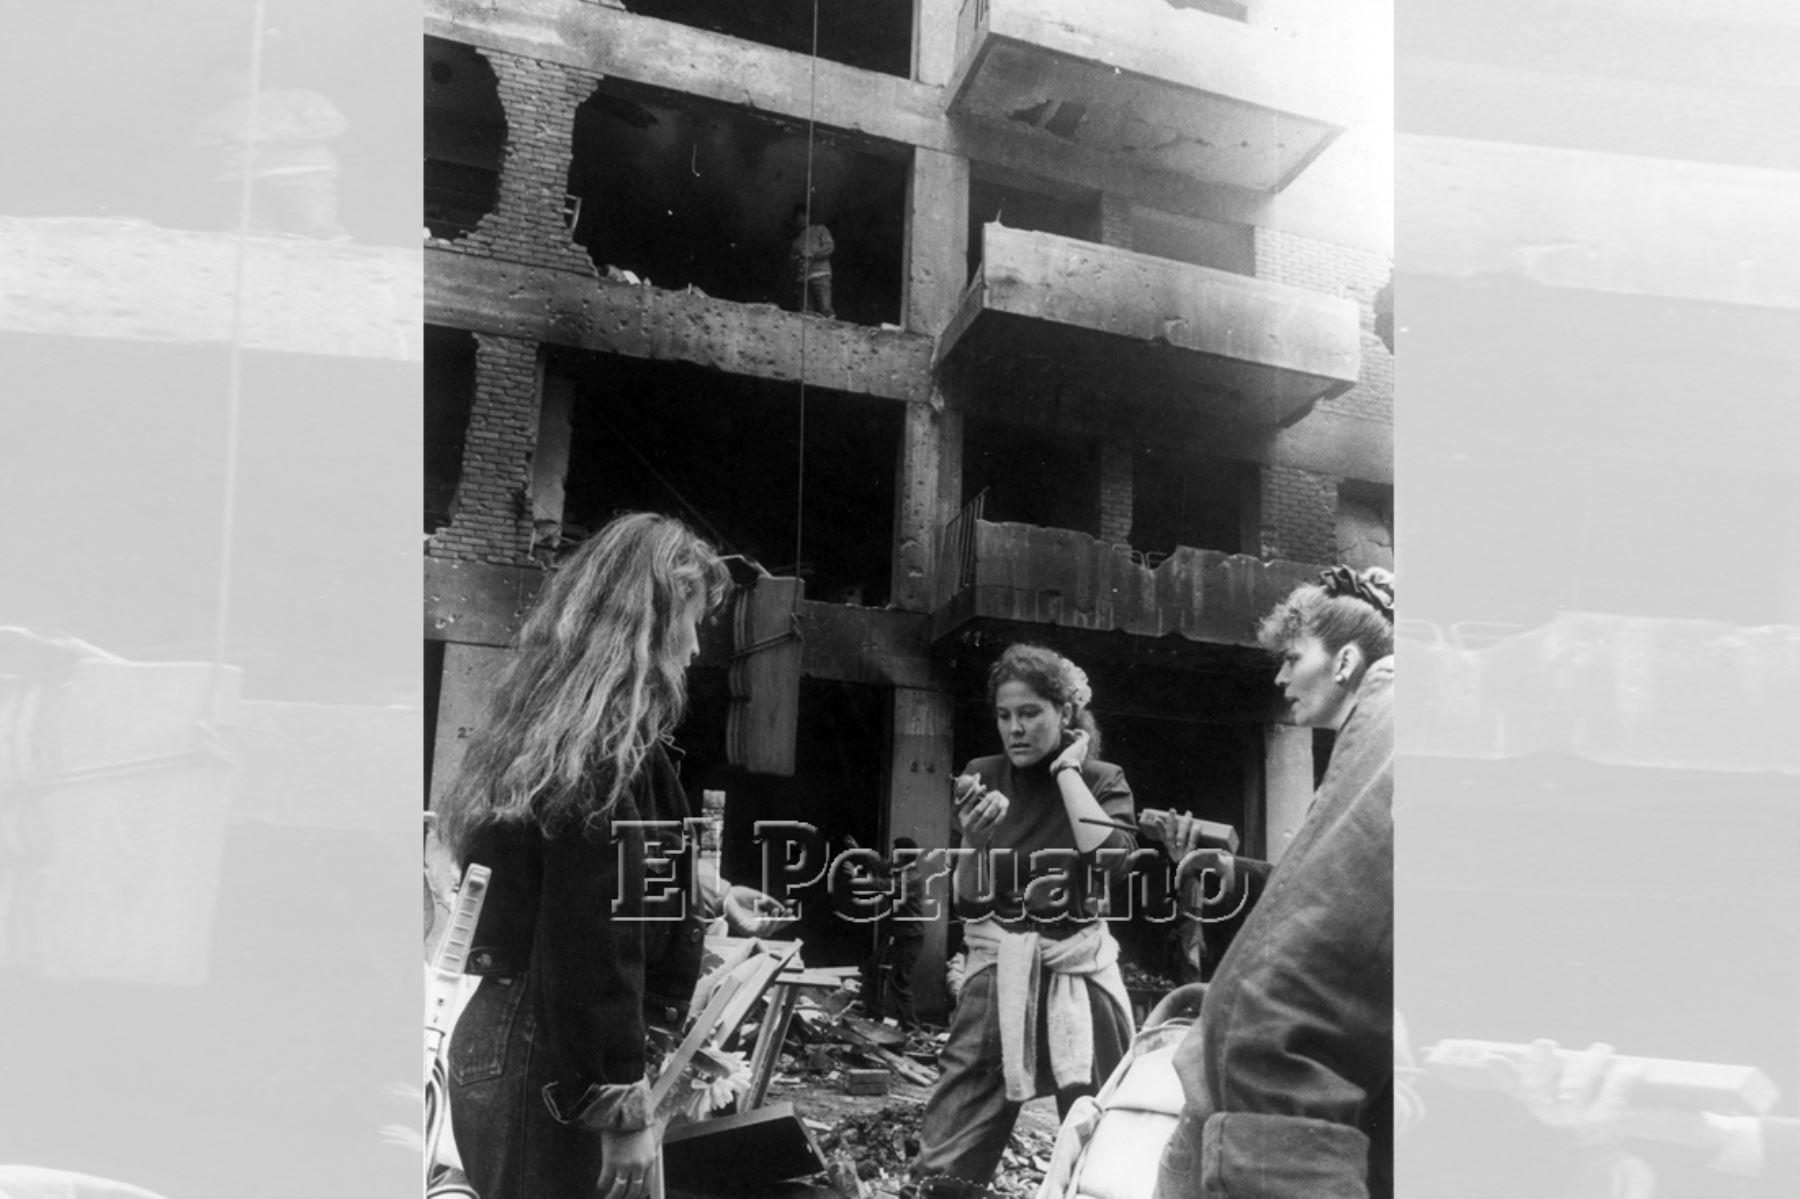 Lima - 17 jul 1992 / Atentado terrorista contra un edificio de viviendas de la calle Tarata en Miraflores.